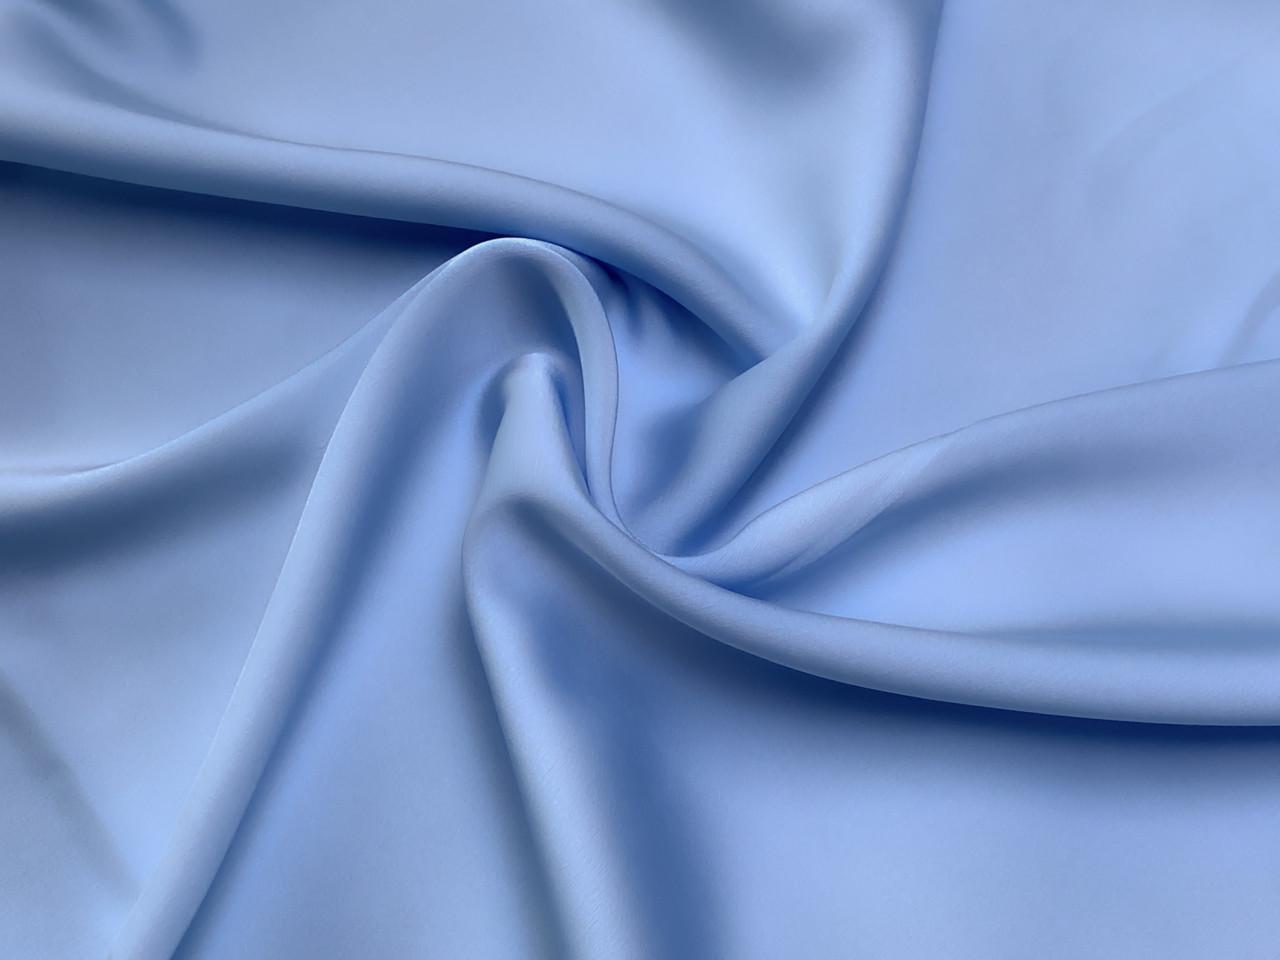 Шелк сатин, пыльный голубой